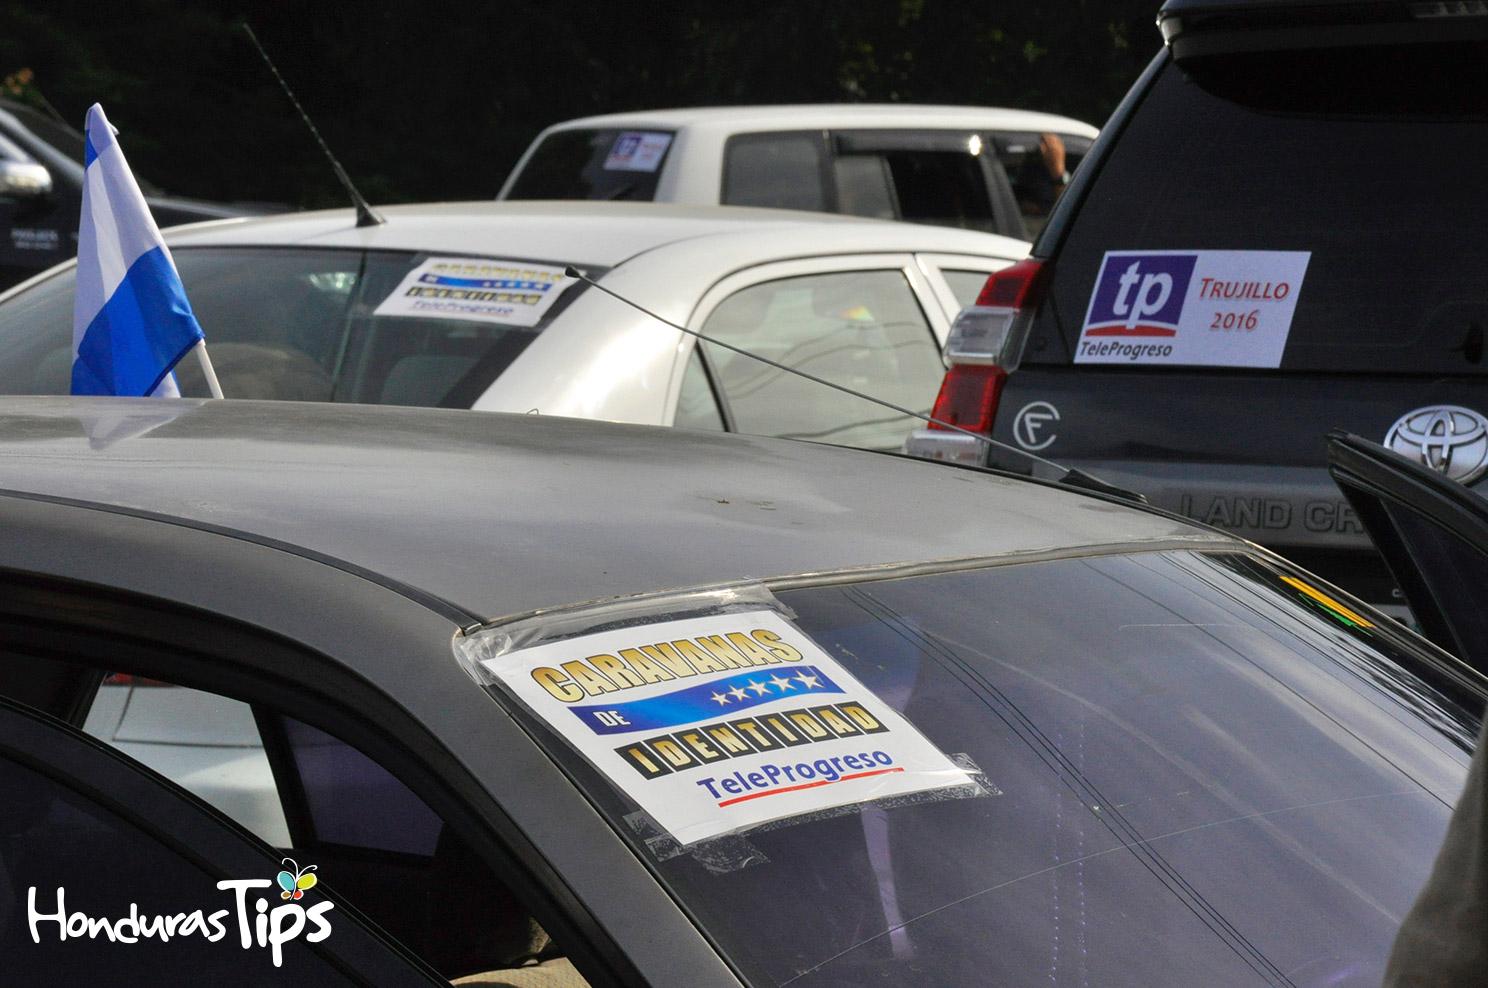 Los miembros de Caravana de Identidad, hicieron una parada de una hora en una gasolinera de La Ceiba.